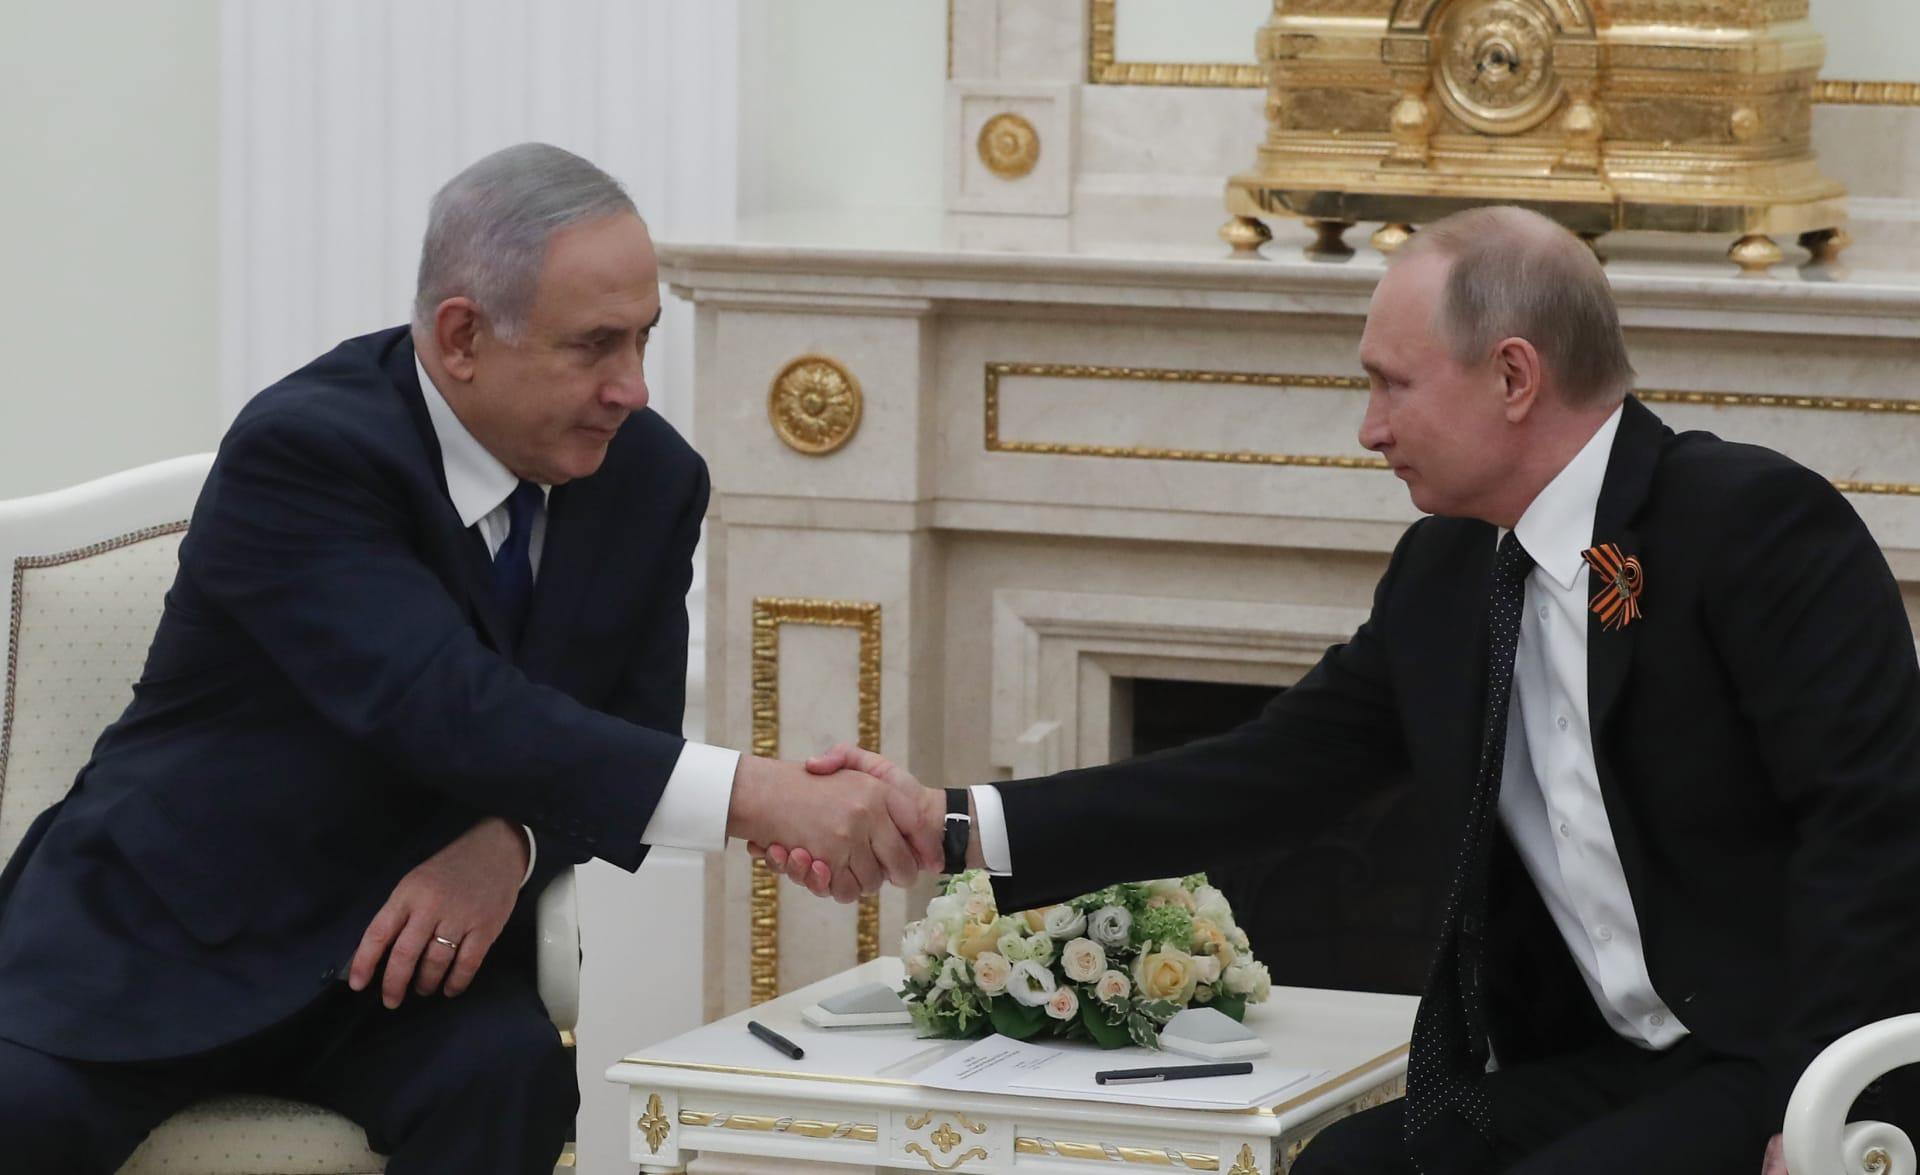 نتنياهو يكشف عن القضايا التي سيطرحها مع بوتين بشأن سوريا